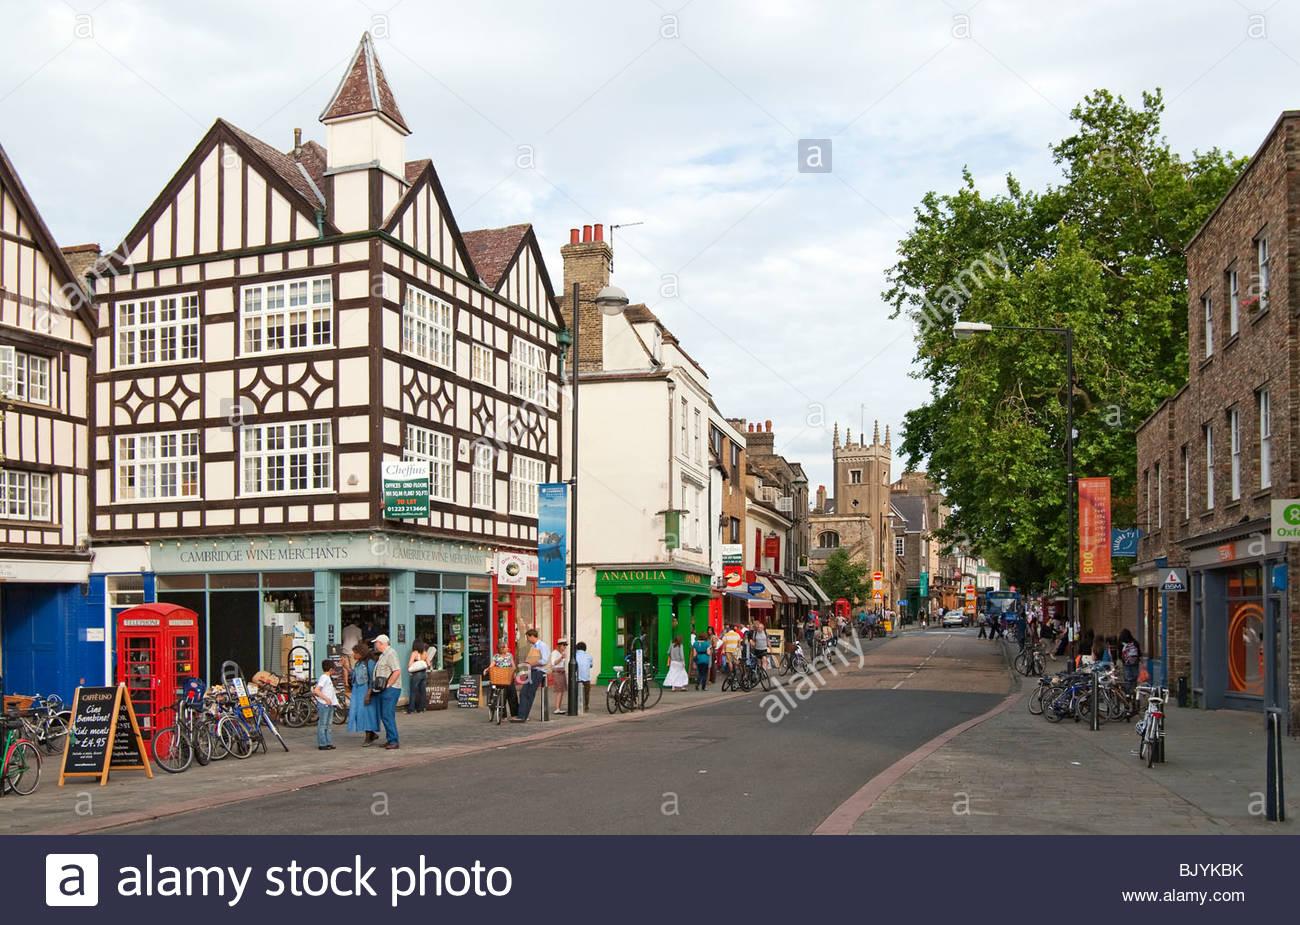 In der Altstadt die mittelalterliche Universitätsstadt Cambridge, England. Stockbild